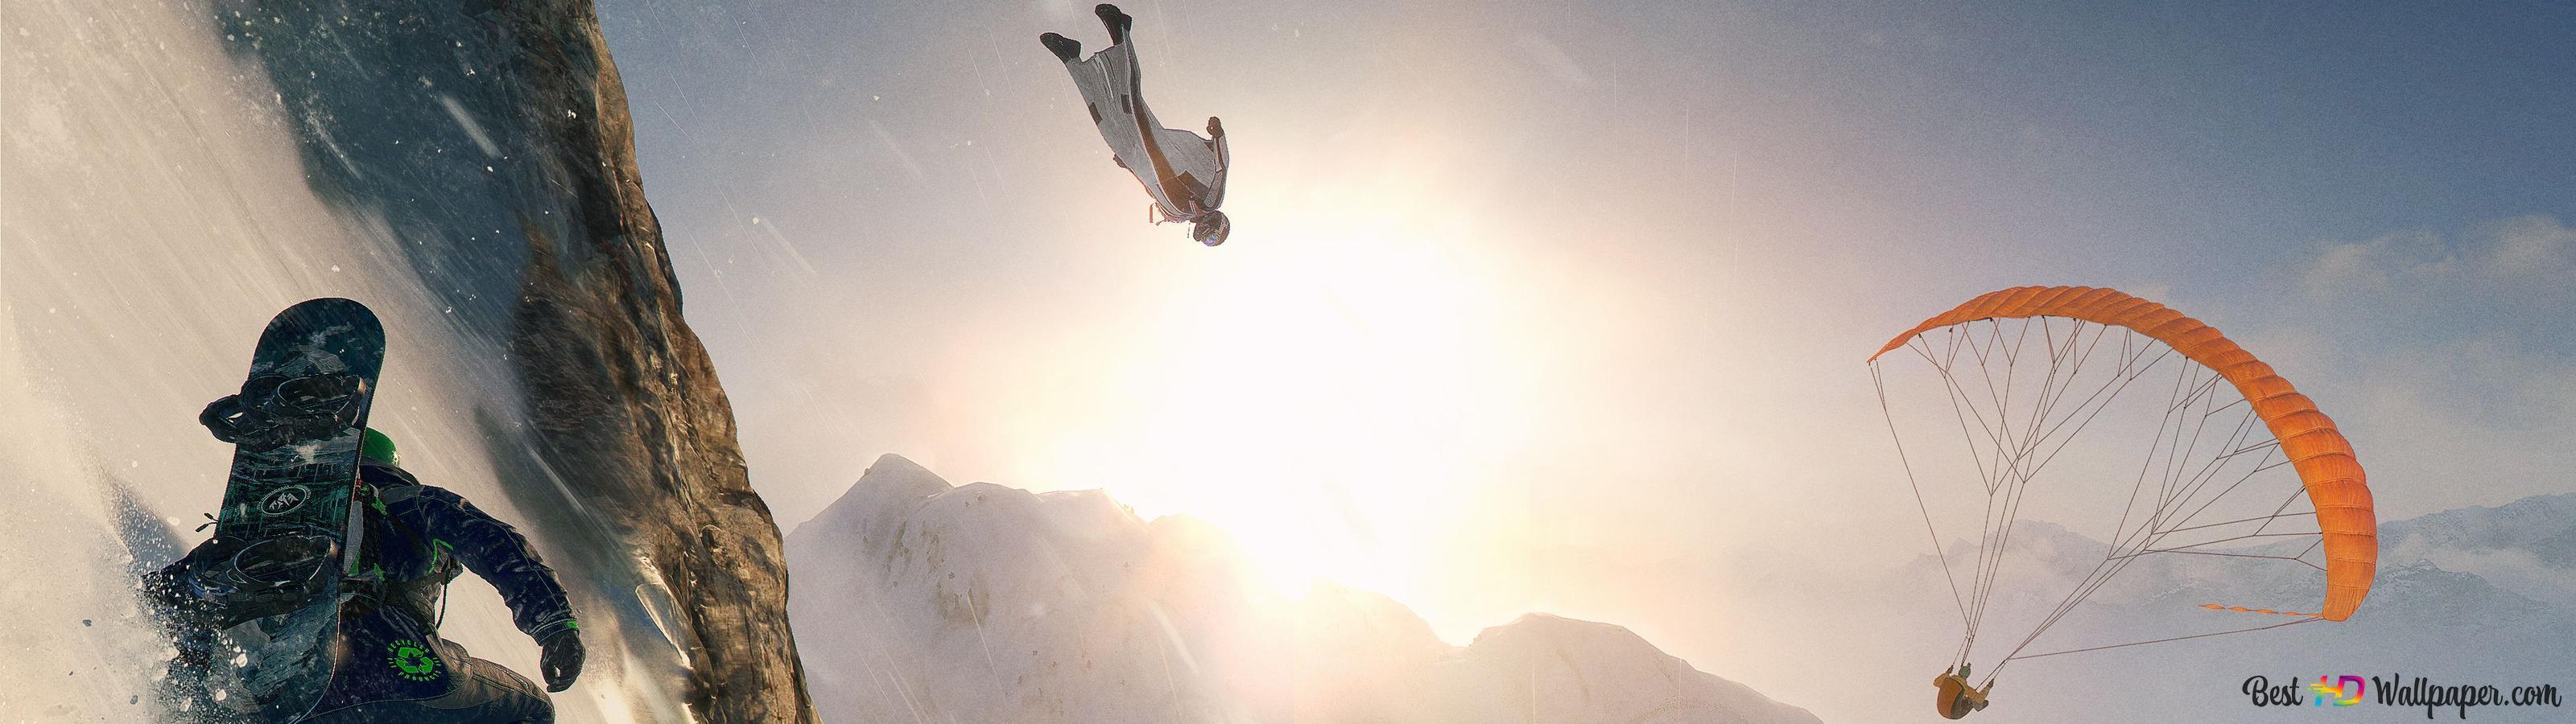 Steil Schnee Und Berge Hd Hintergrundbilder Herunterladen